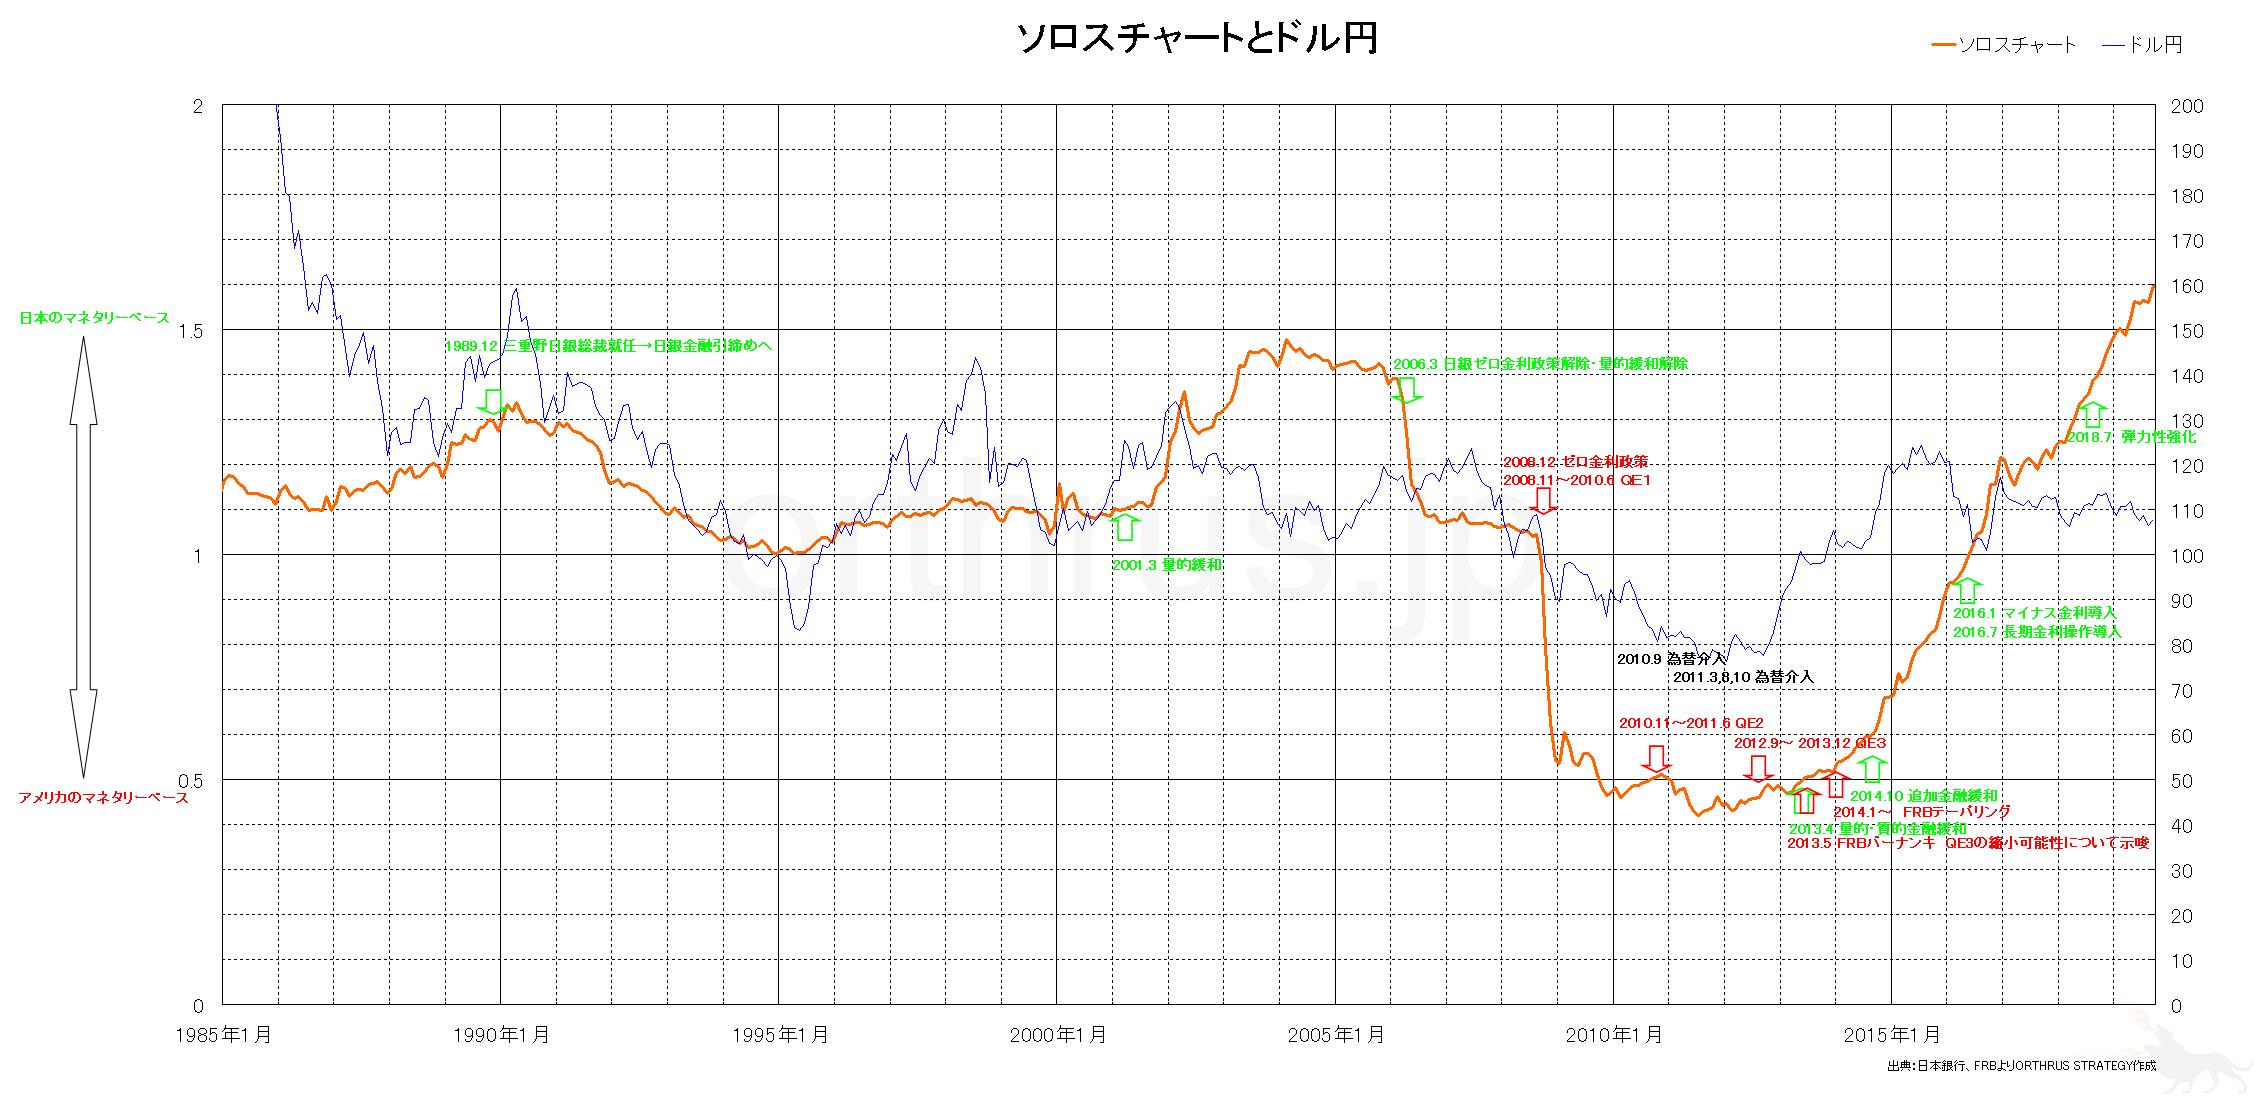 ソロスチャートとドル円チャートの対比